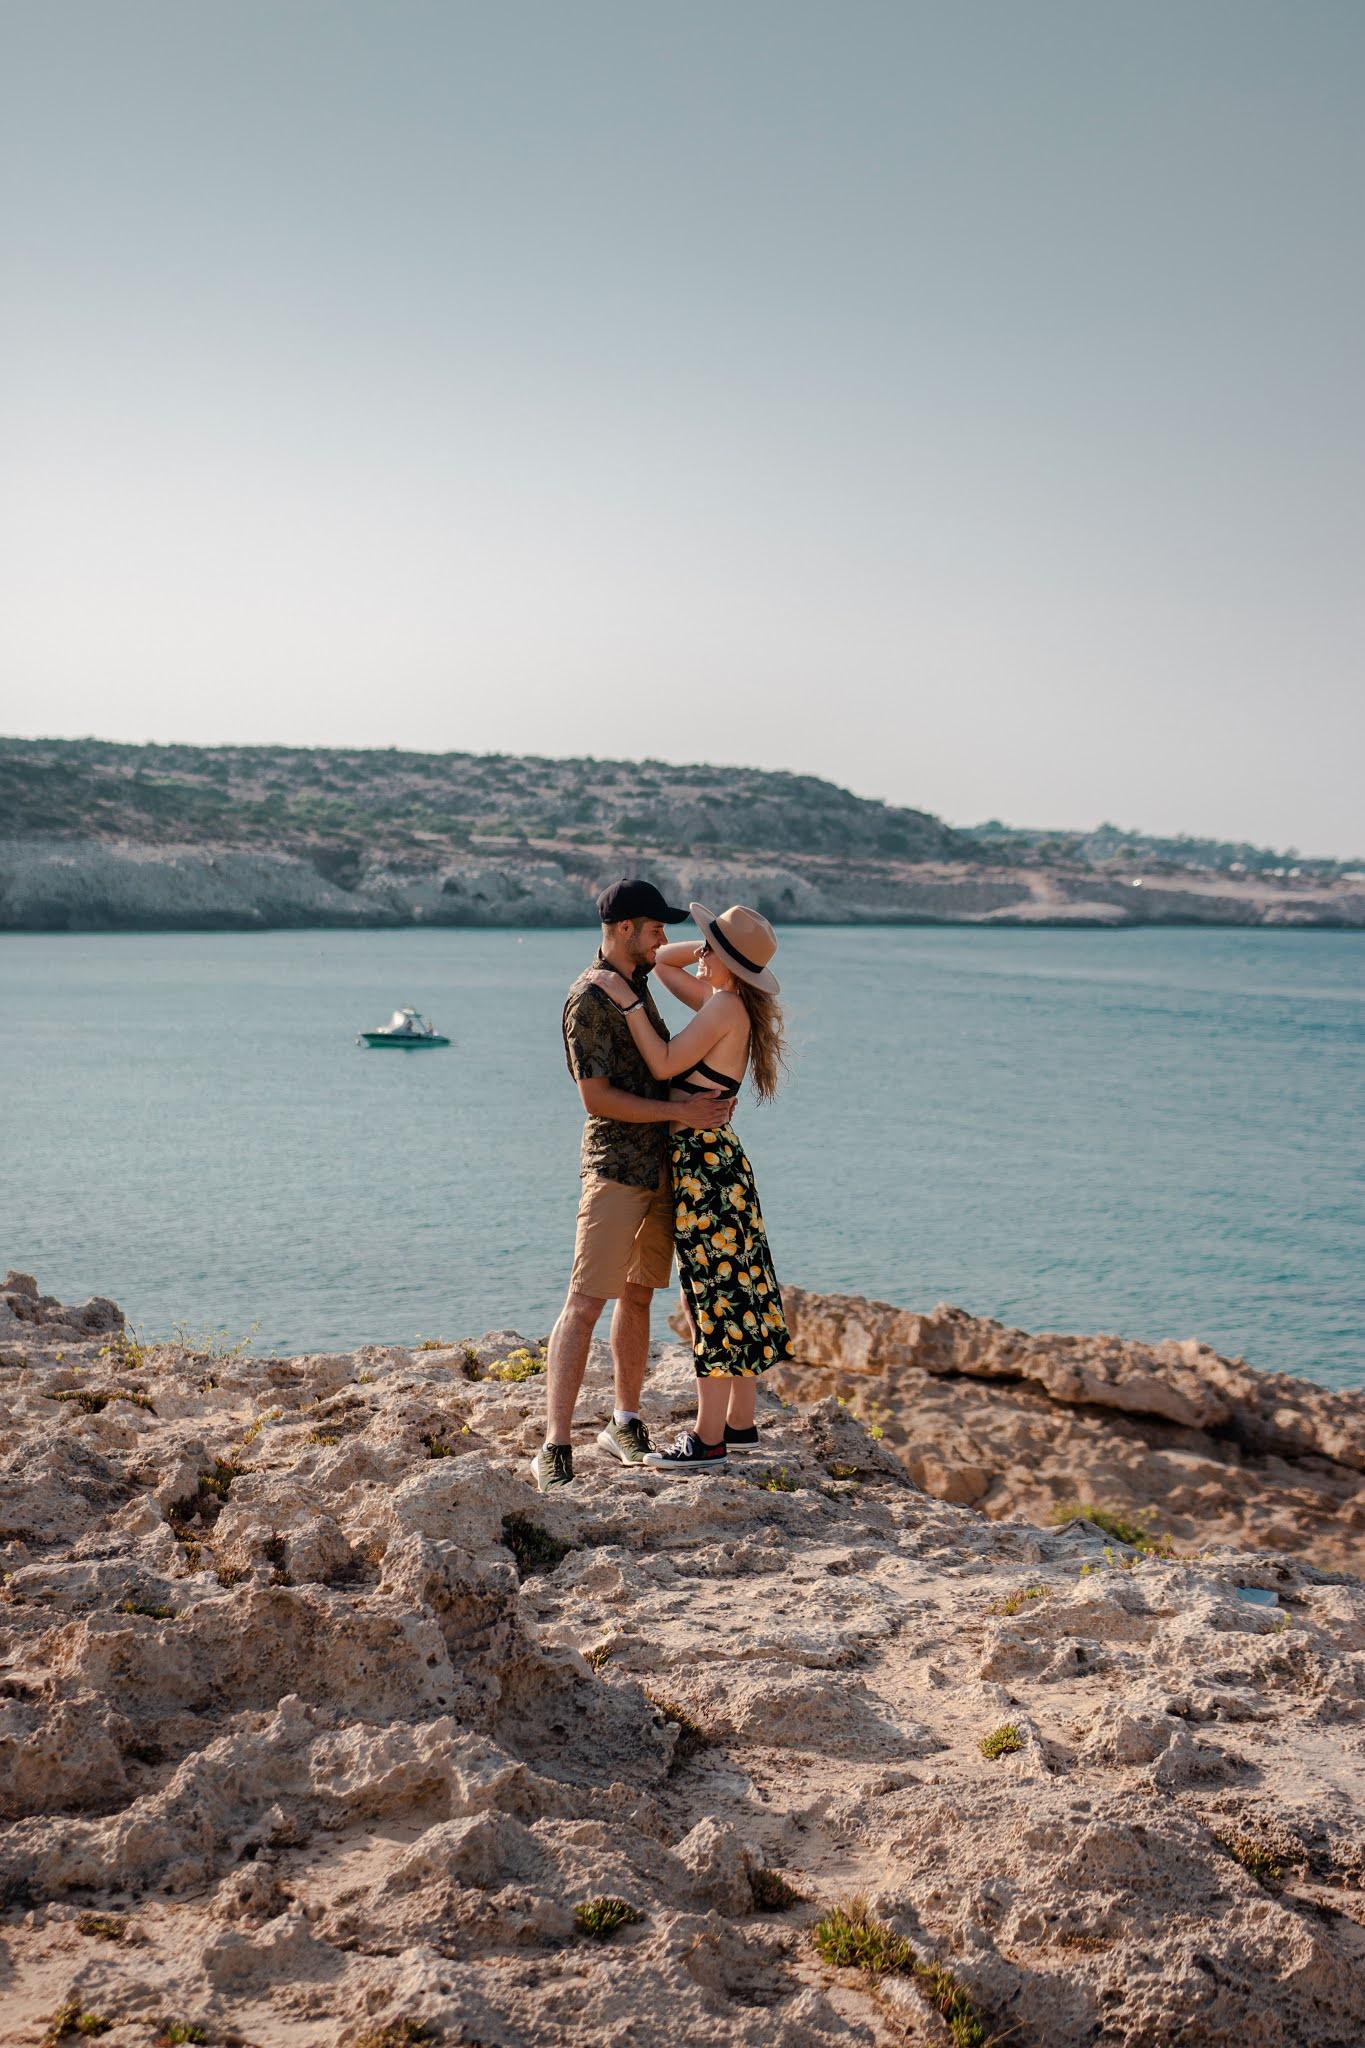 Przylądek Cape Greco, klify, turkusowa woda, co zobaczyć na Cyprze